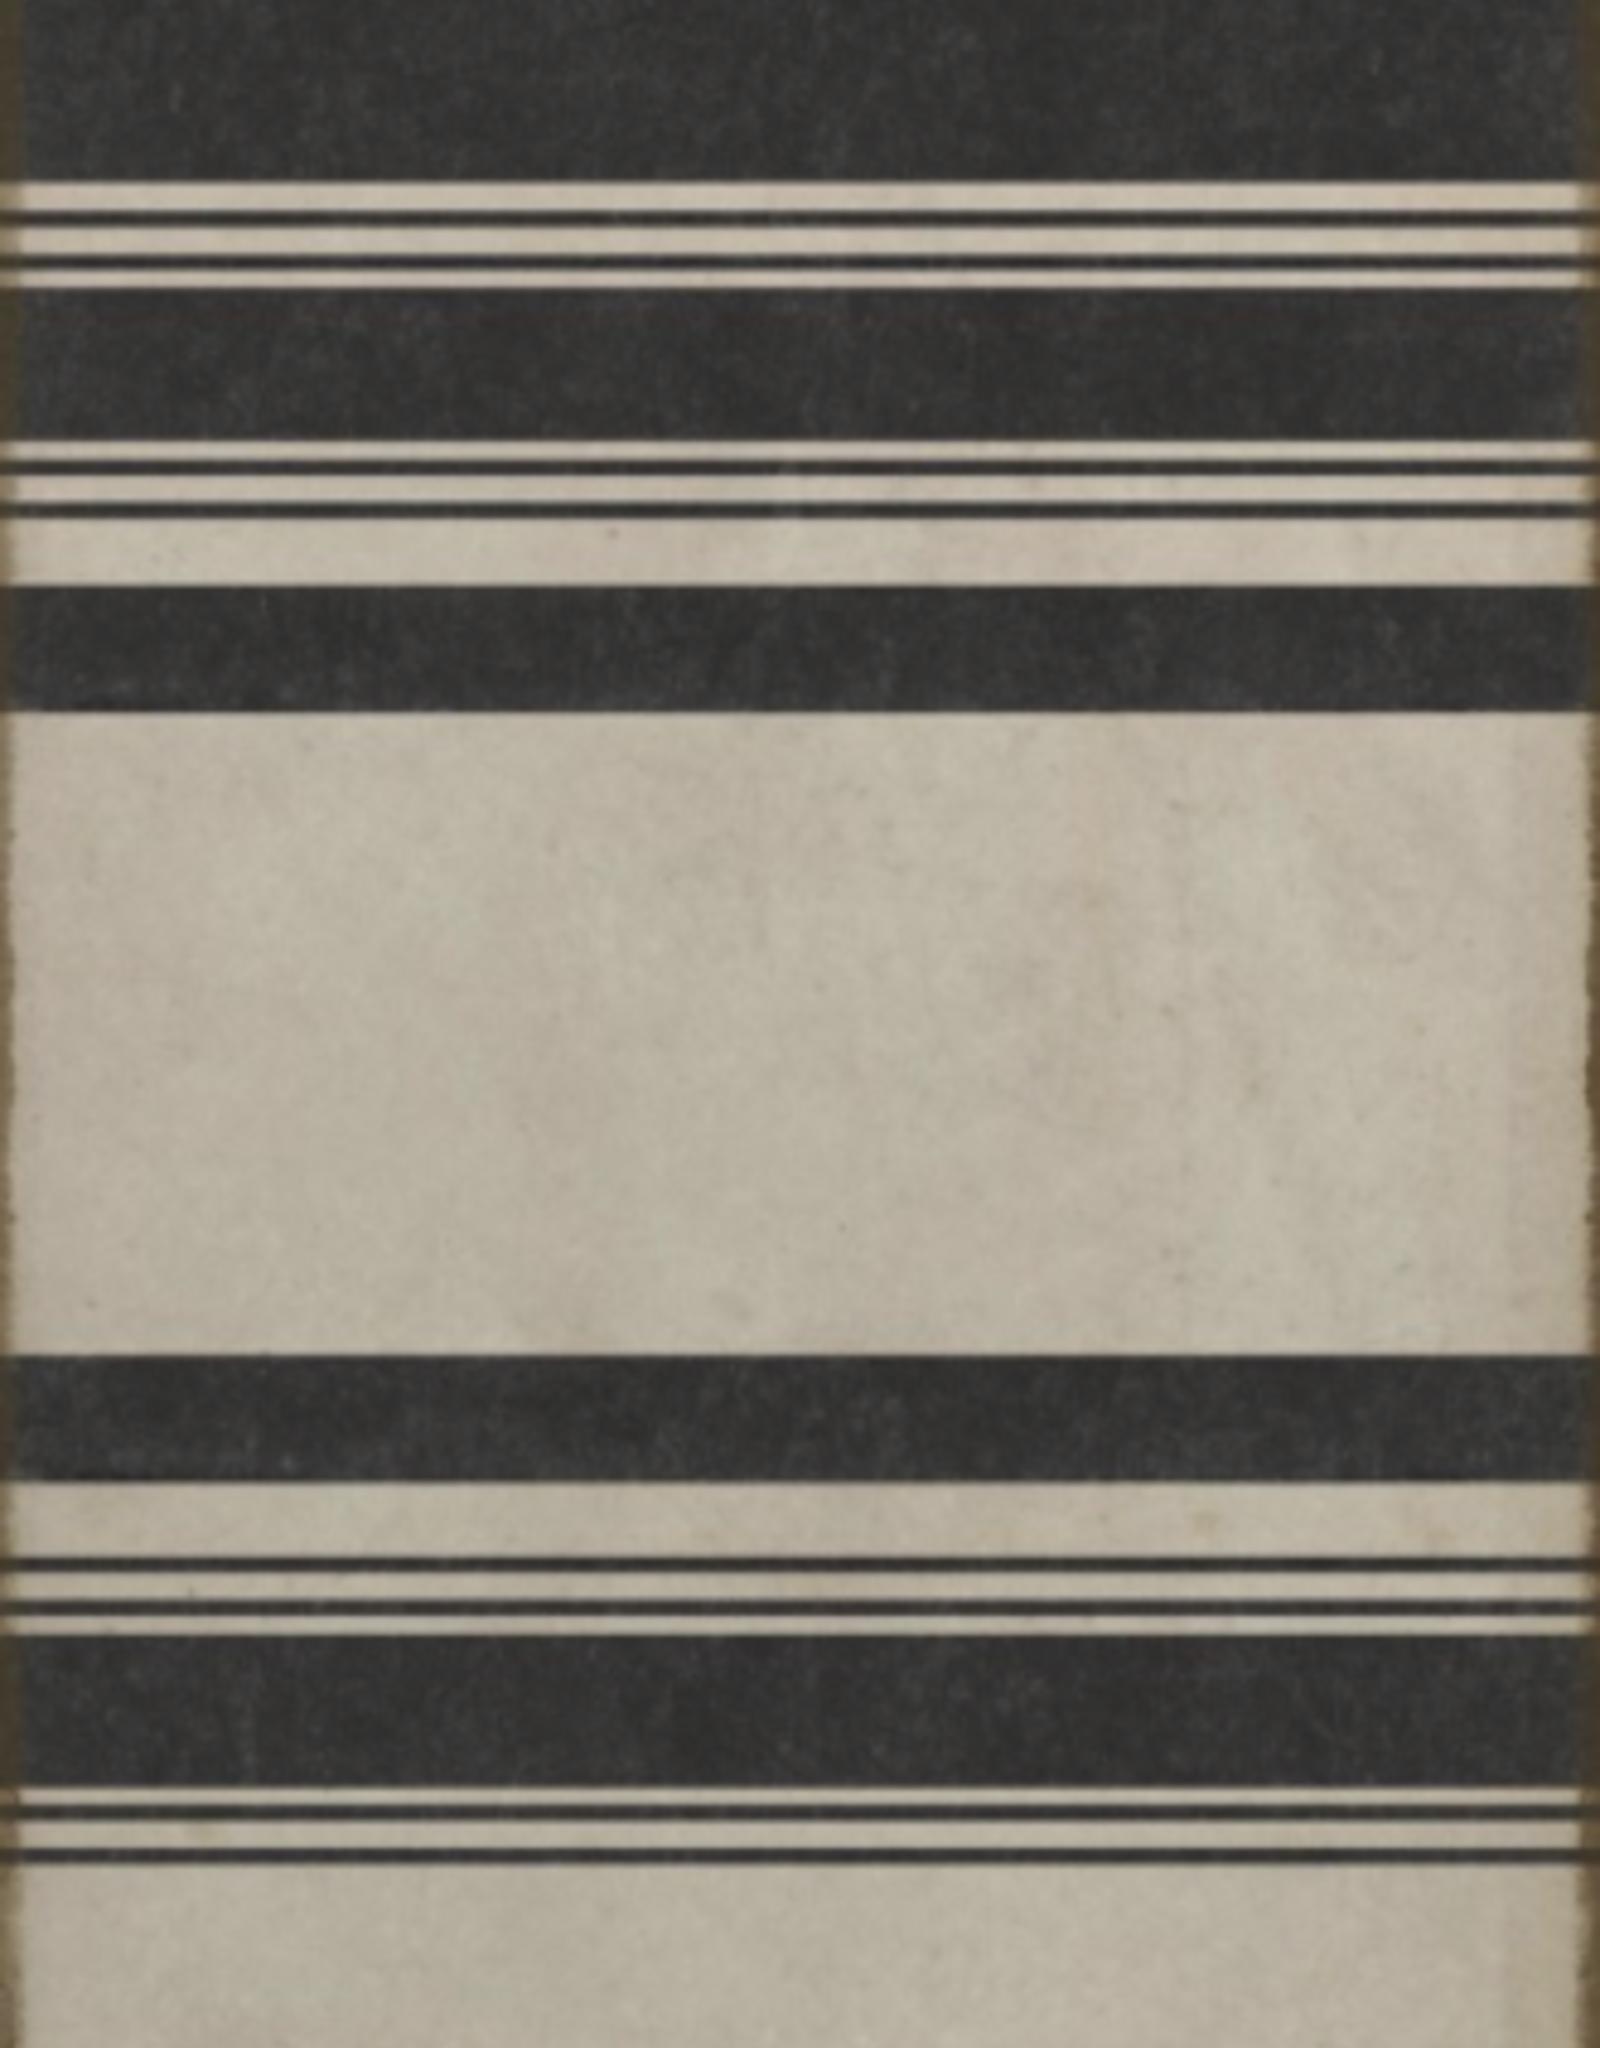 Spicher & Company Black & White Stripes Vinyl Rug - 36 x 90